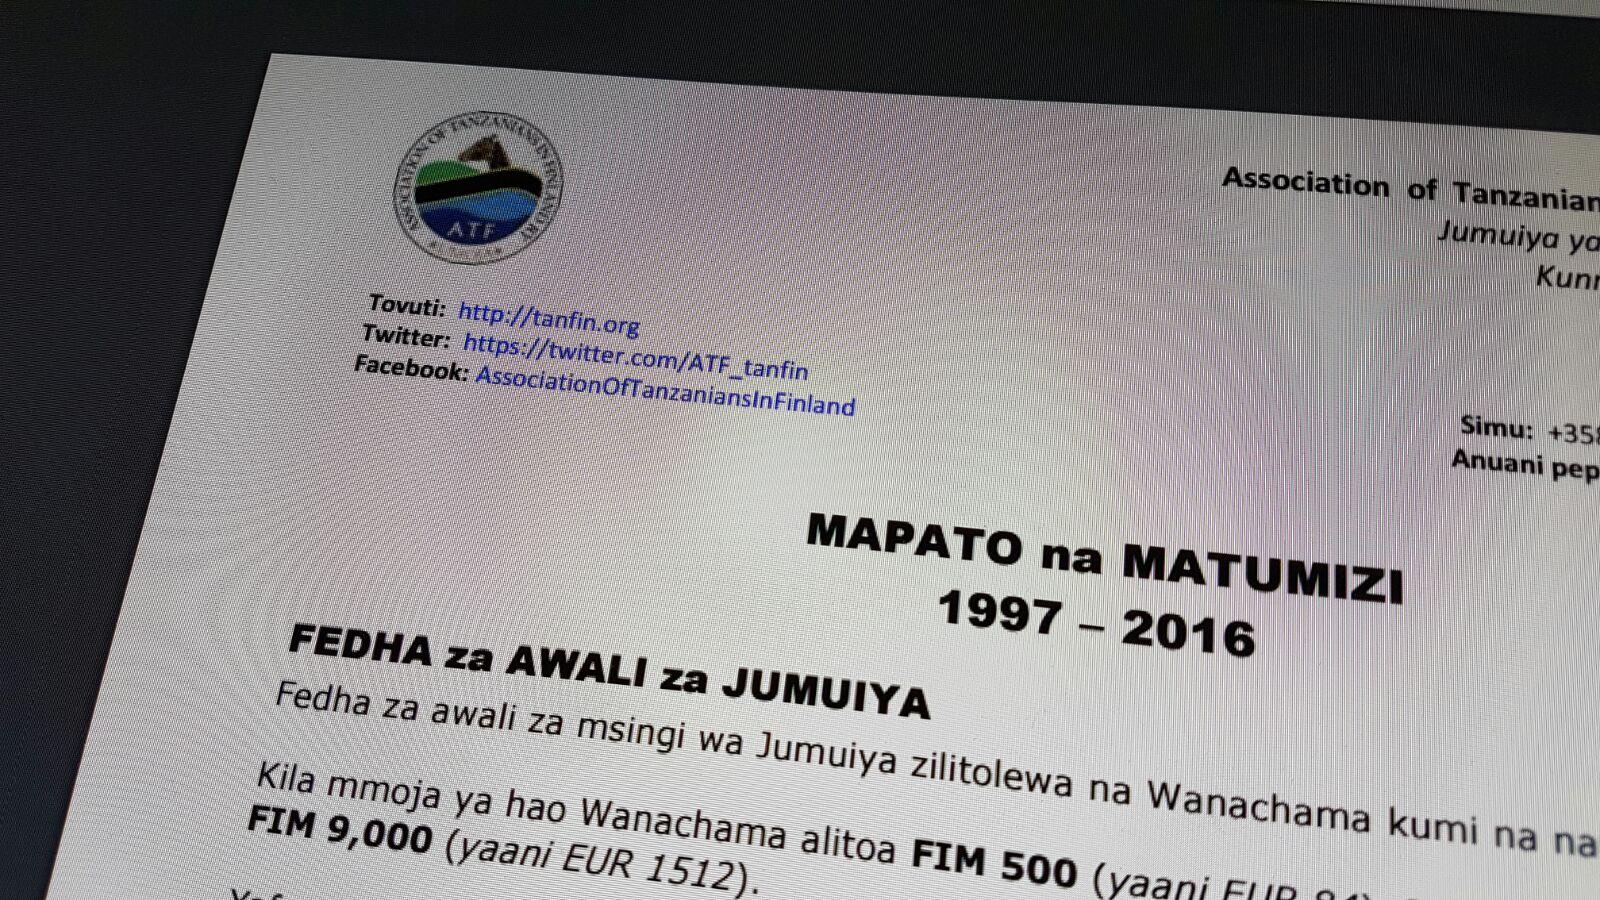 ATF - Mapato na Matumizi 1997-2016